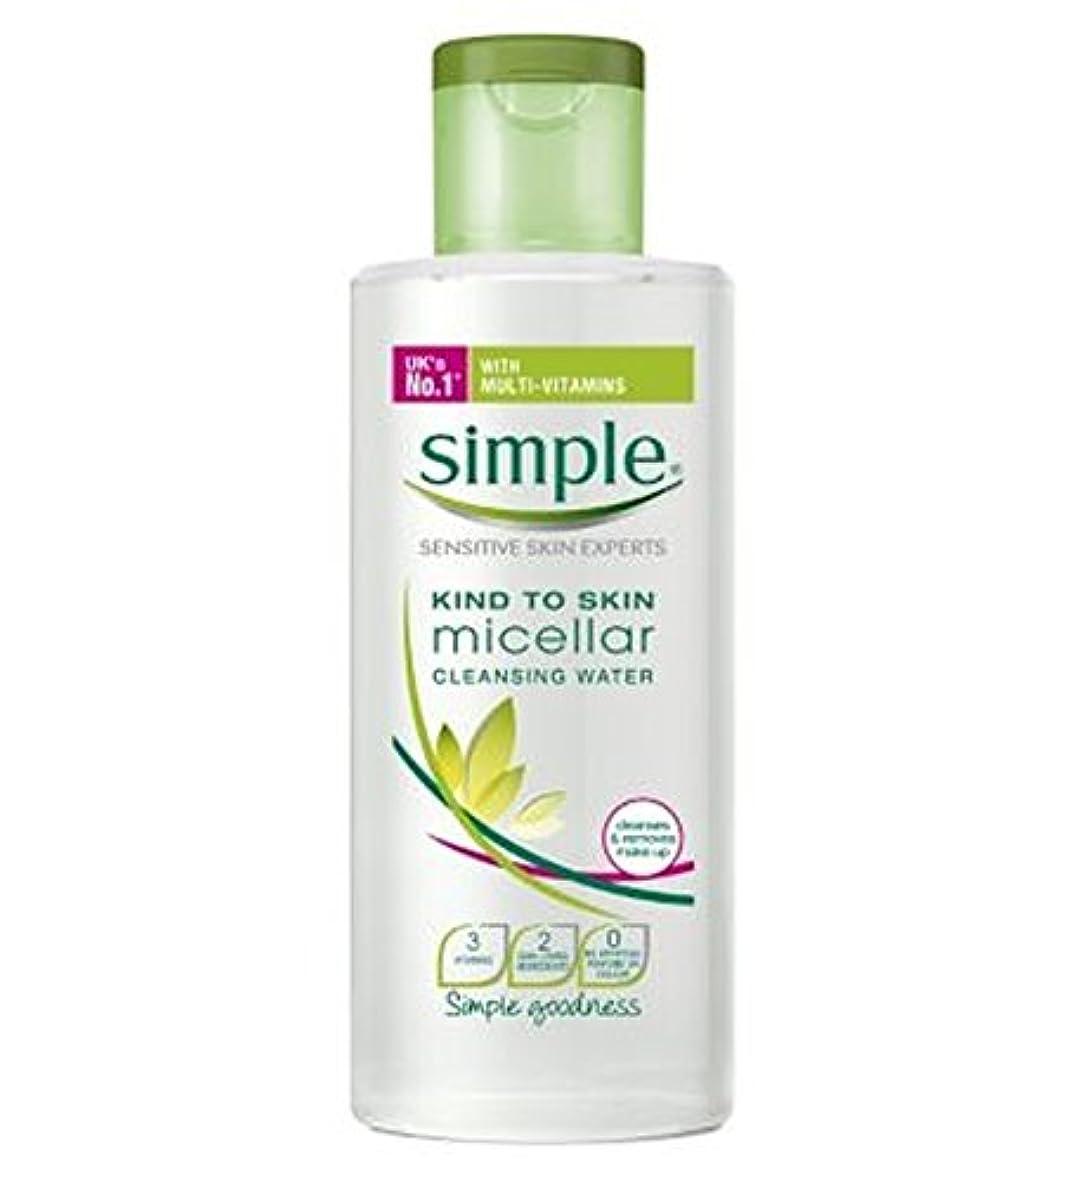 罰するパイ統治するSimple Kind To Skin Micellar Cleansing Water 200ml - 皮膚ミセル洗浄水200ミリリットルに簡単な種類 (Simple) [並行輸入品]